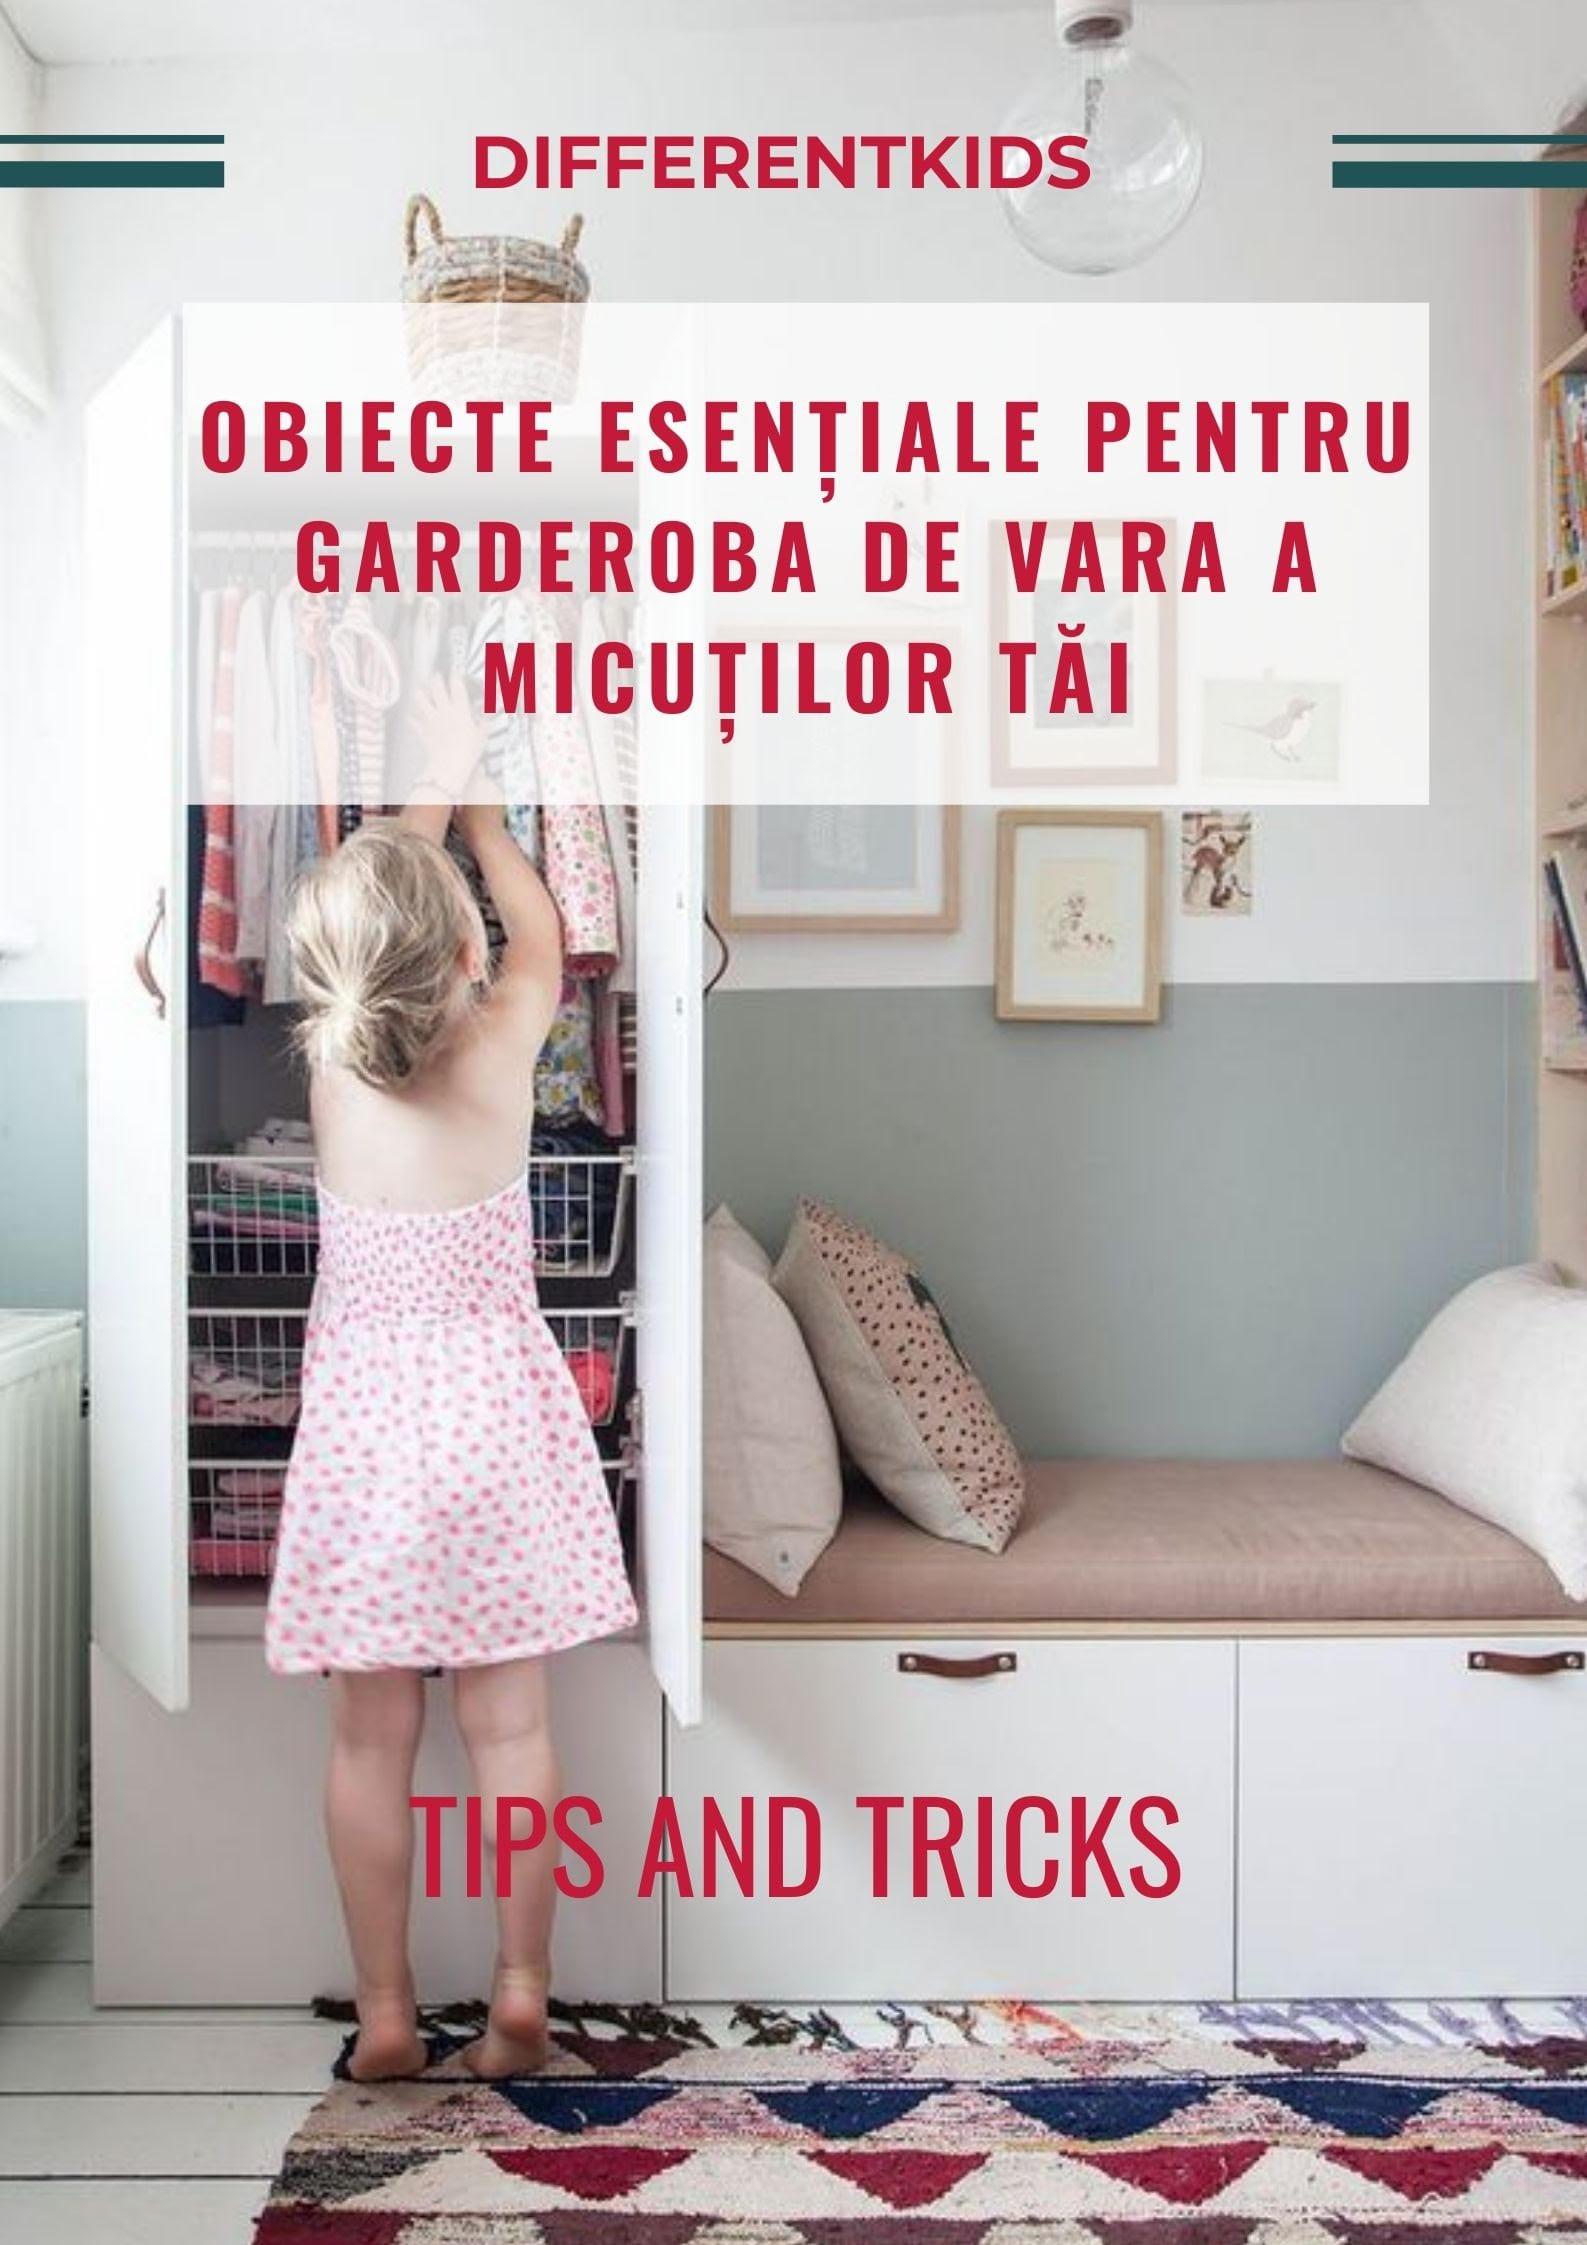 Ce obiecte esențiale trebuie să conțină garderoba de vară a micuților tăi